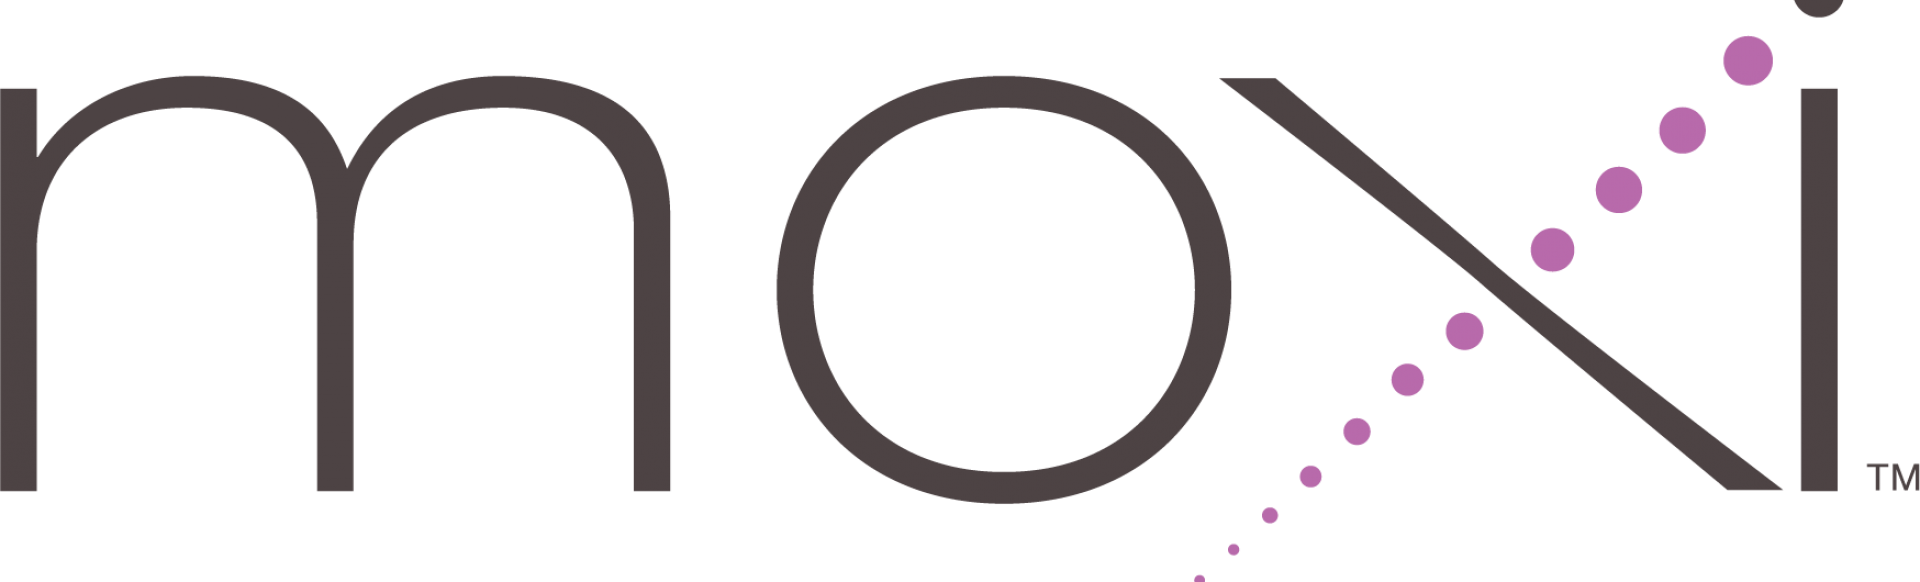 MOXI 4c(300dpi)